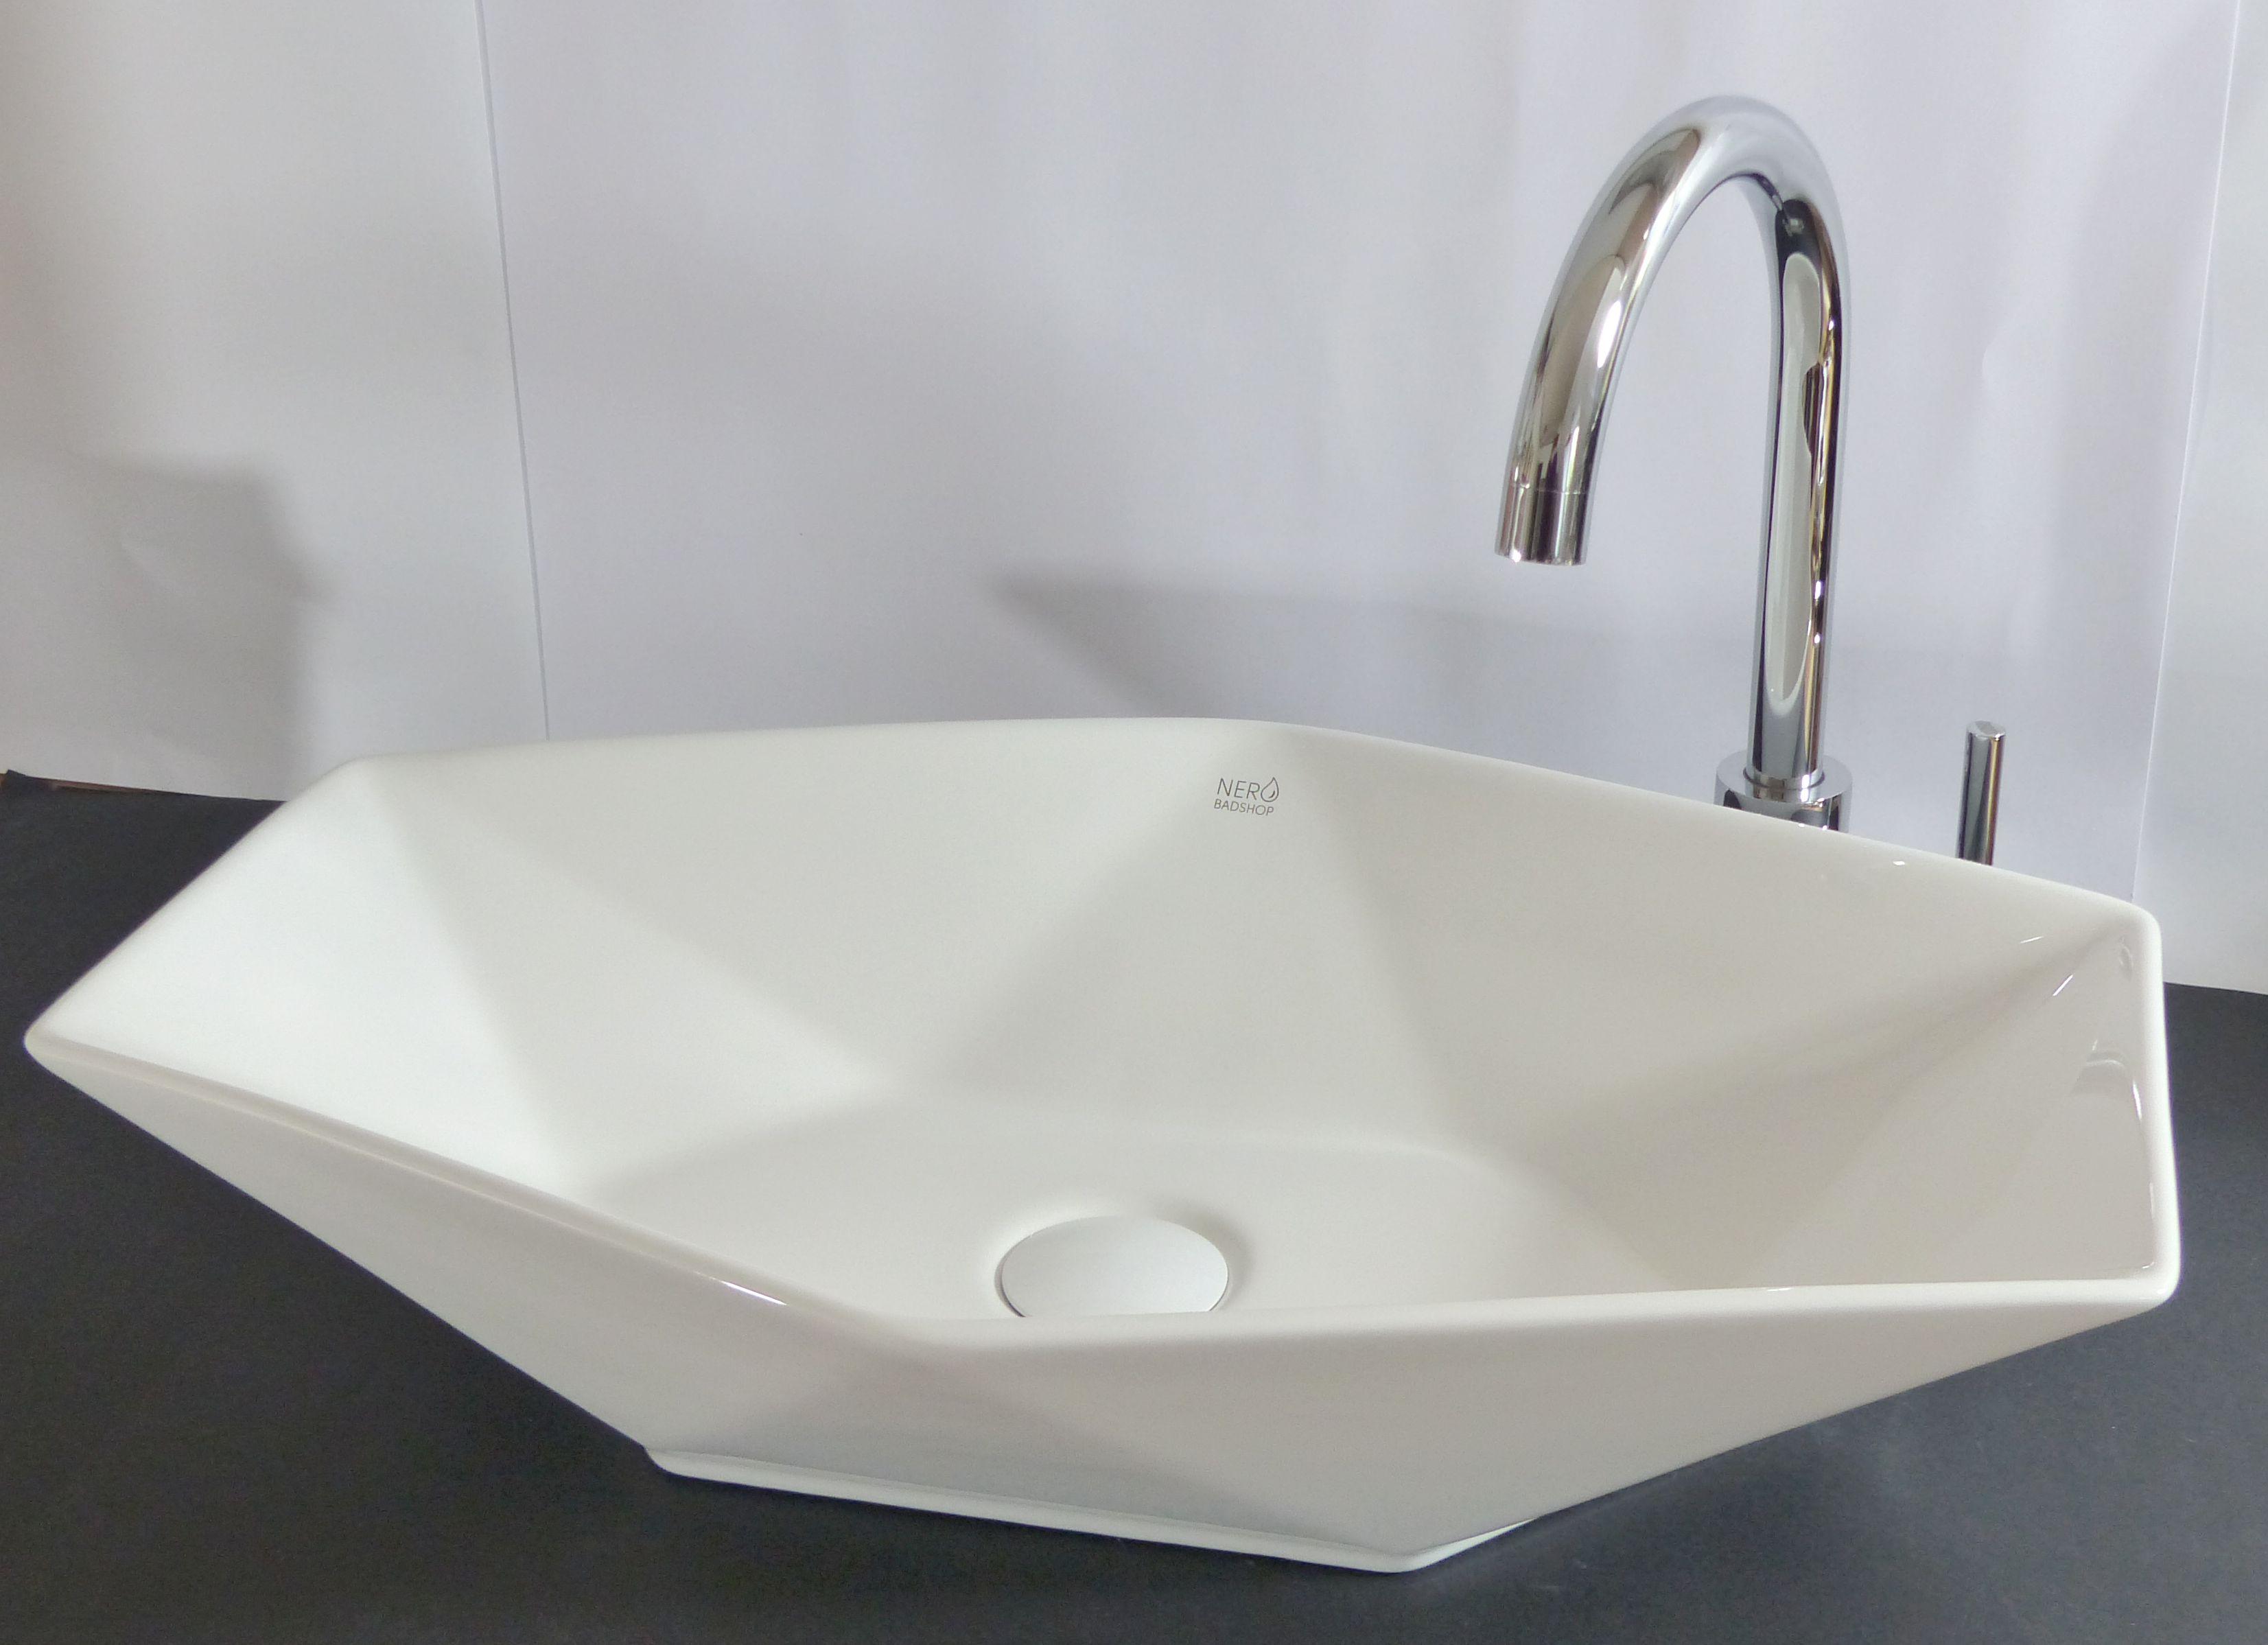 nero badshop keramik aufsatz waschbecken oval eckig online kaufen. Black Bedroom Furniture Sets. Home Design Ideas